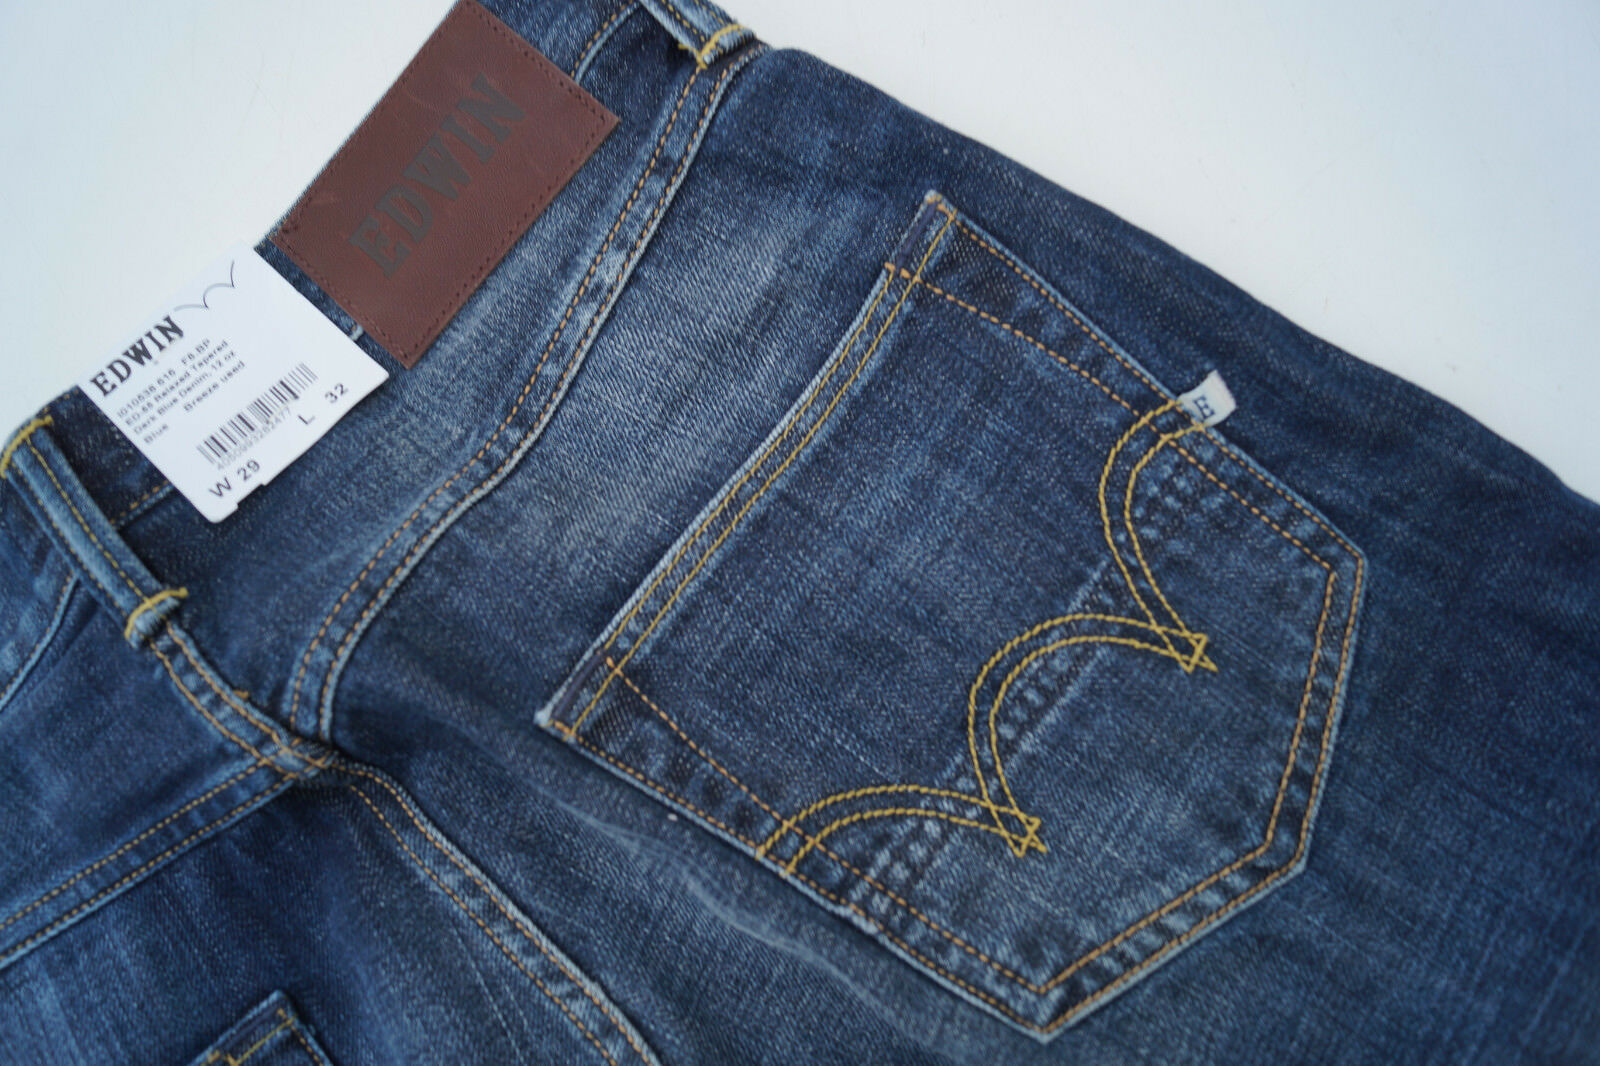 EDWIN relaxed taperot Herren Men Jeans Hose 29 32 W29 L32 darkBlau stonewash NEU  | Outlet Store Online  | Wirtschaft  | Deutschland Online Shop